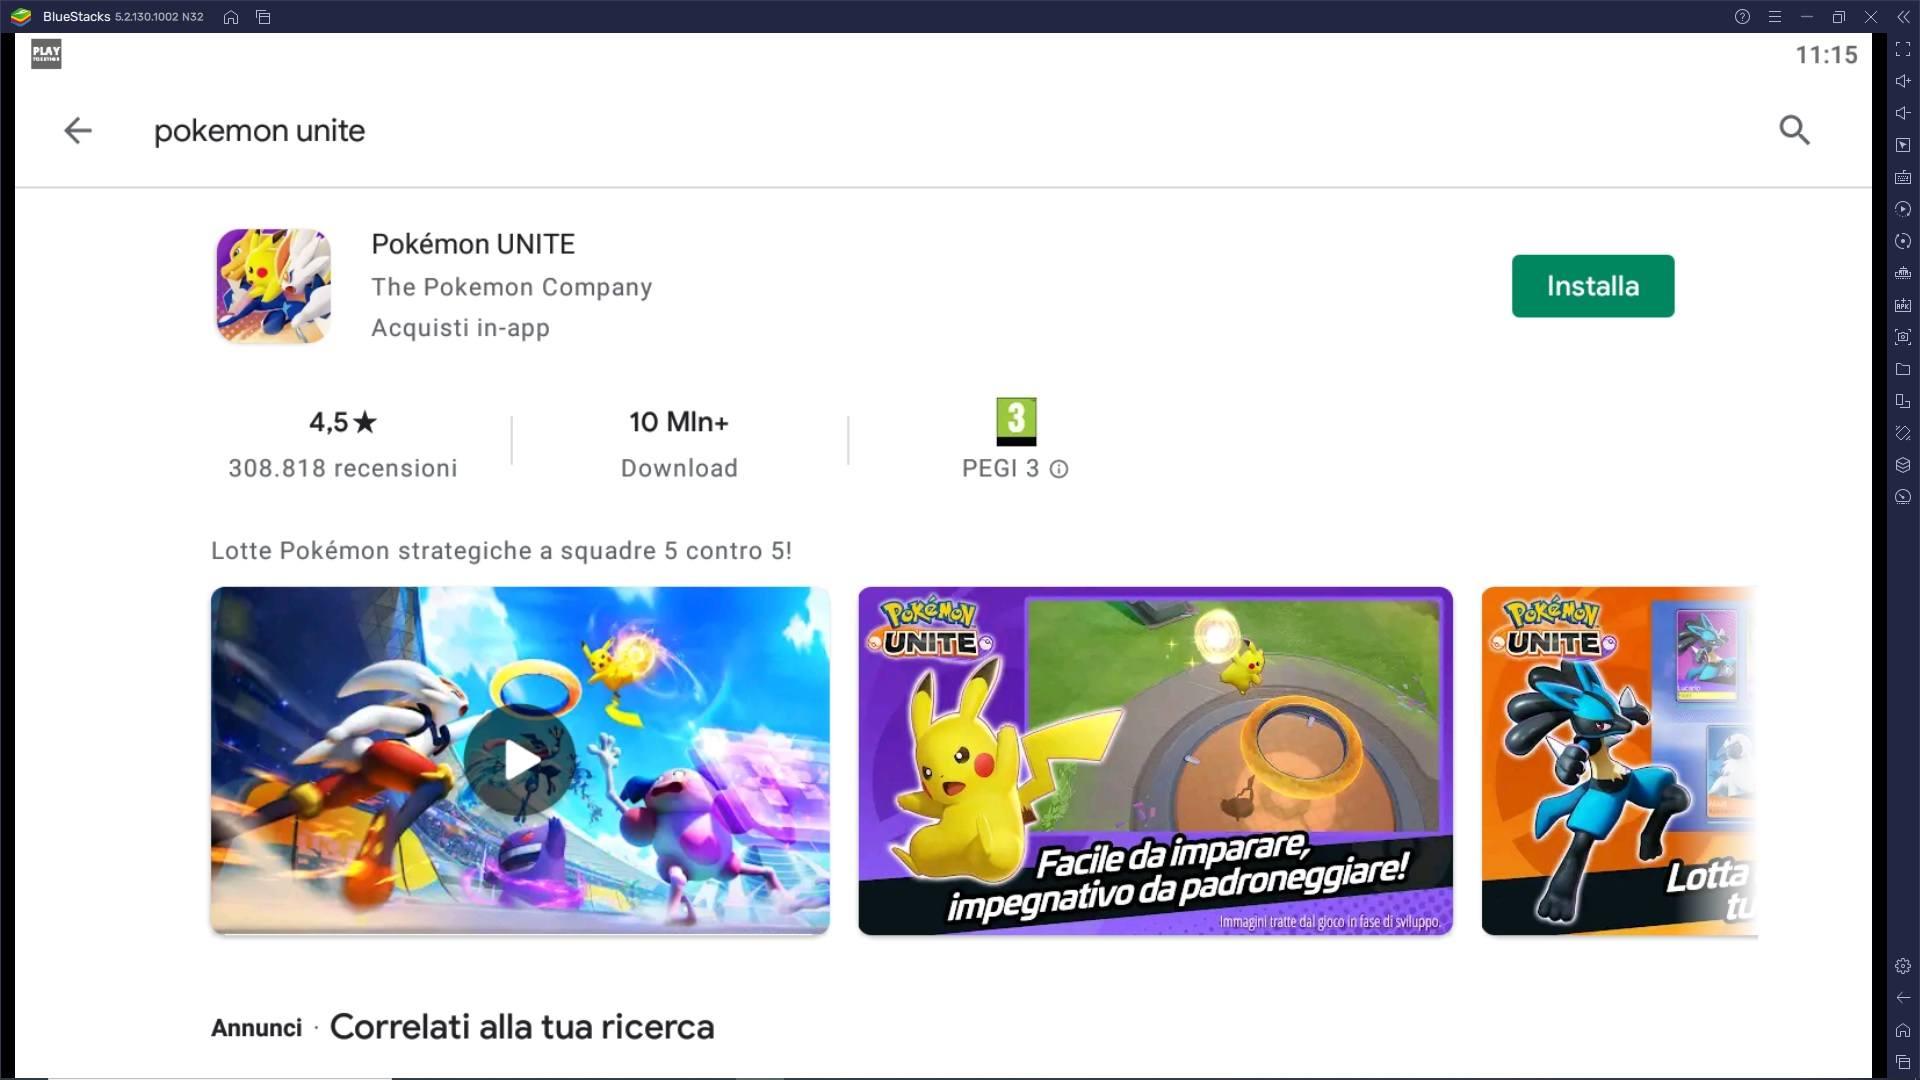 Pokémon UNITE è finalmente disponibile e puoi giocarlo su PC e Mac con BlueStacks